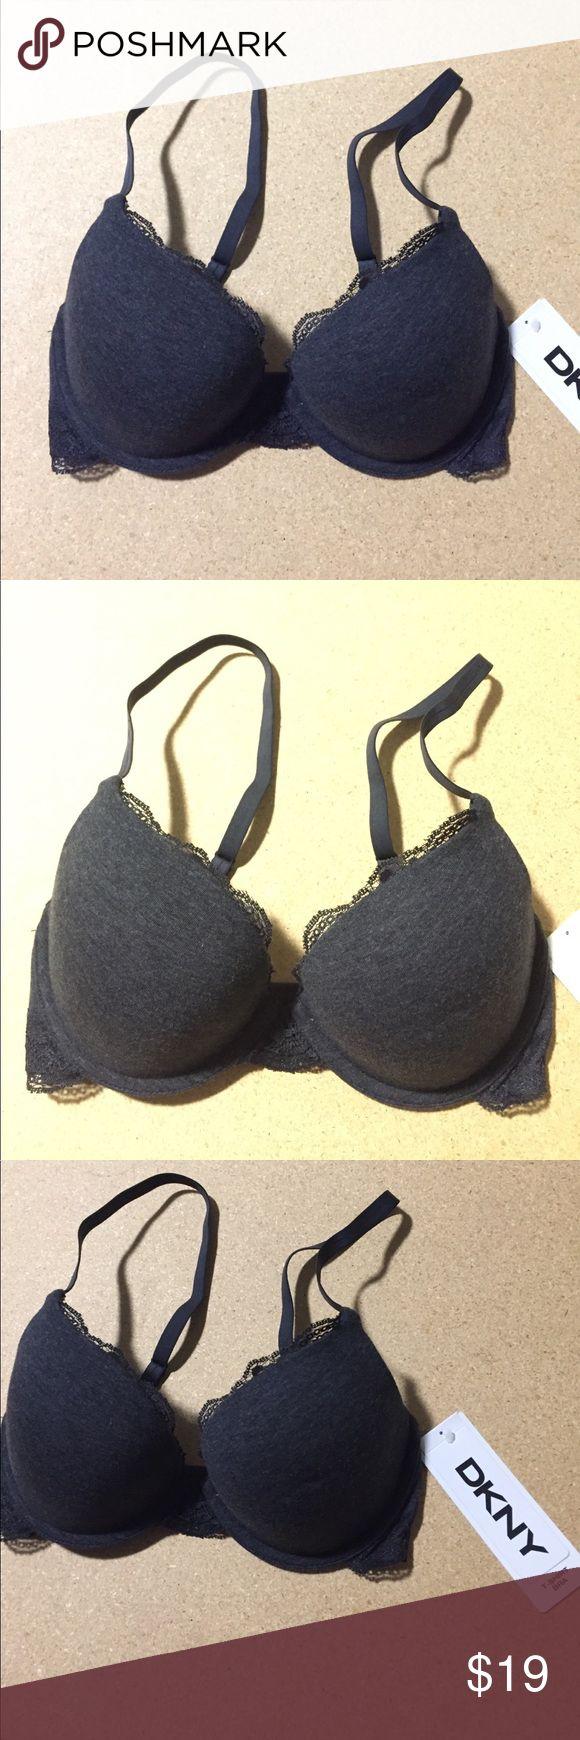 🌟Final Sale🌟DKNY Grey T-shirt bra. 30D New with tags Dkny Intimates & Sleepwear Bras